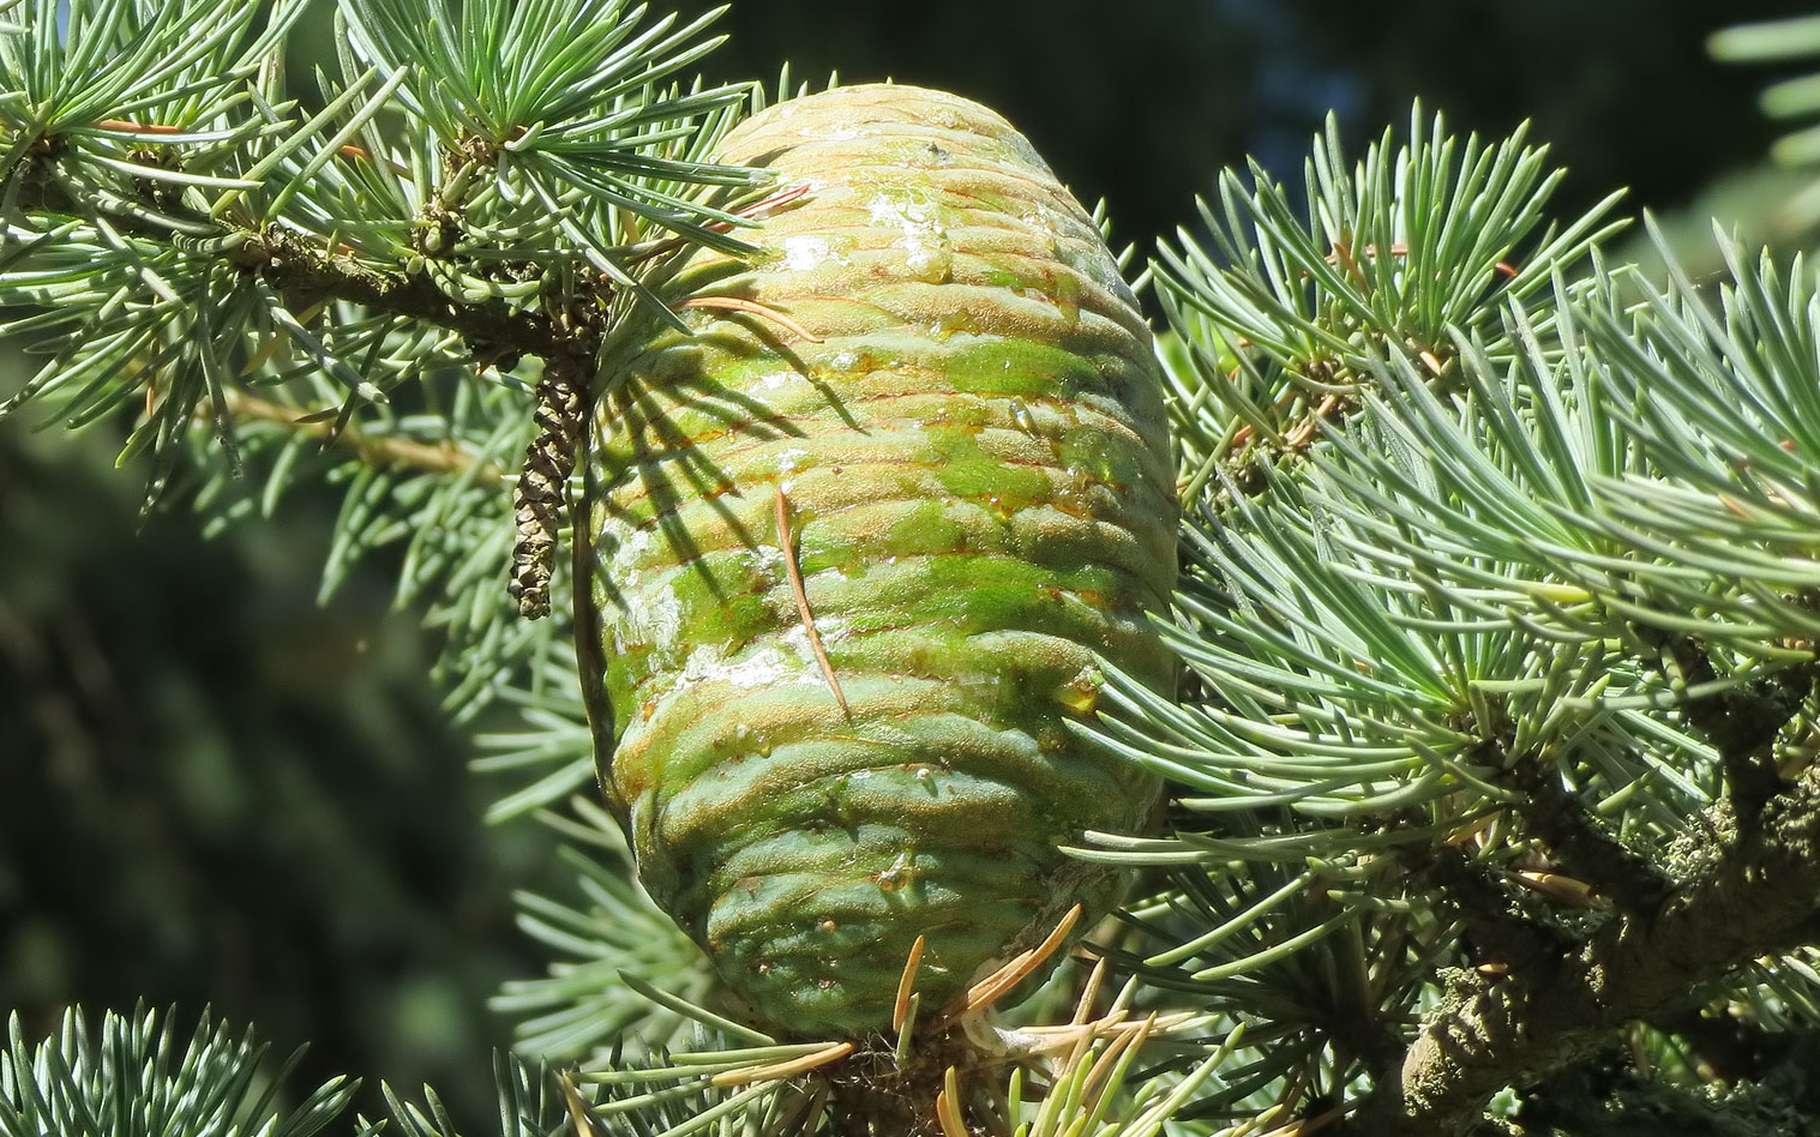 Le cèdre de l'Himalaya appartient à la famille des pinacées. © maggie and her camera, Flickr CC by nc 2.0